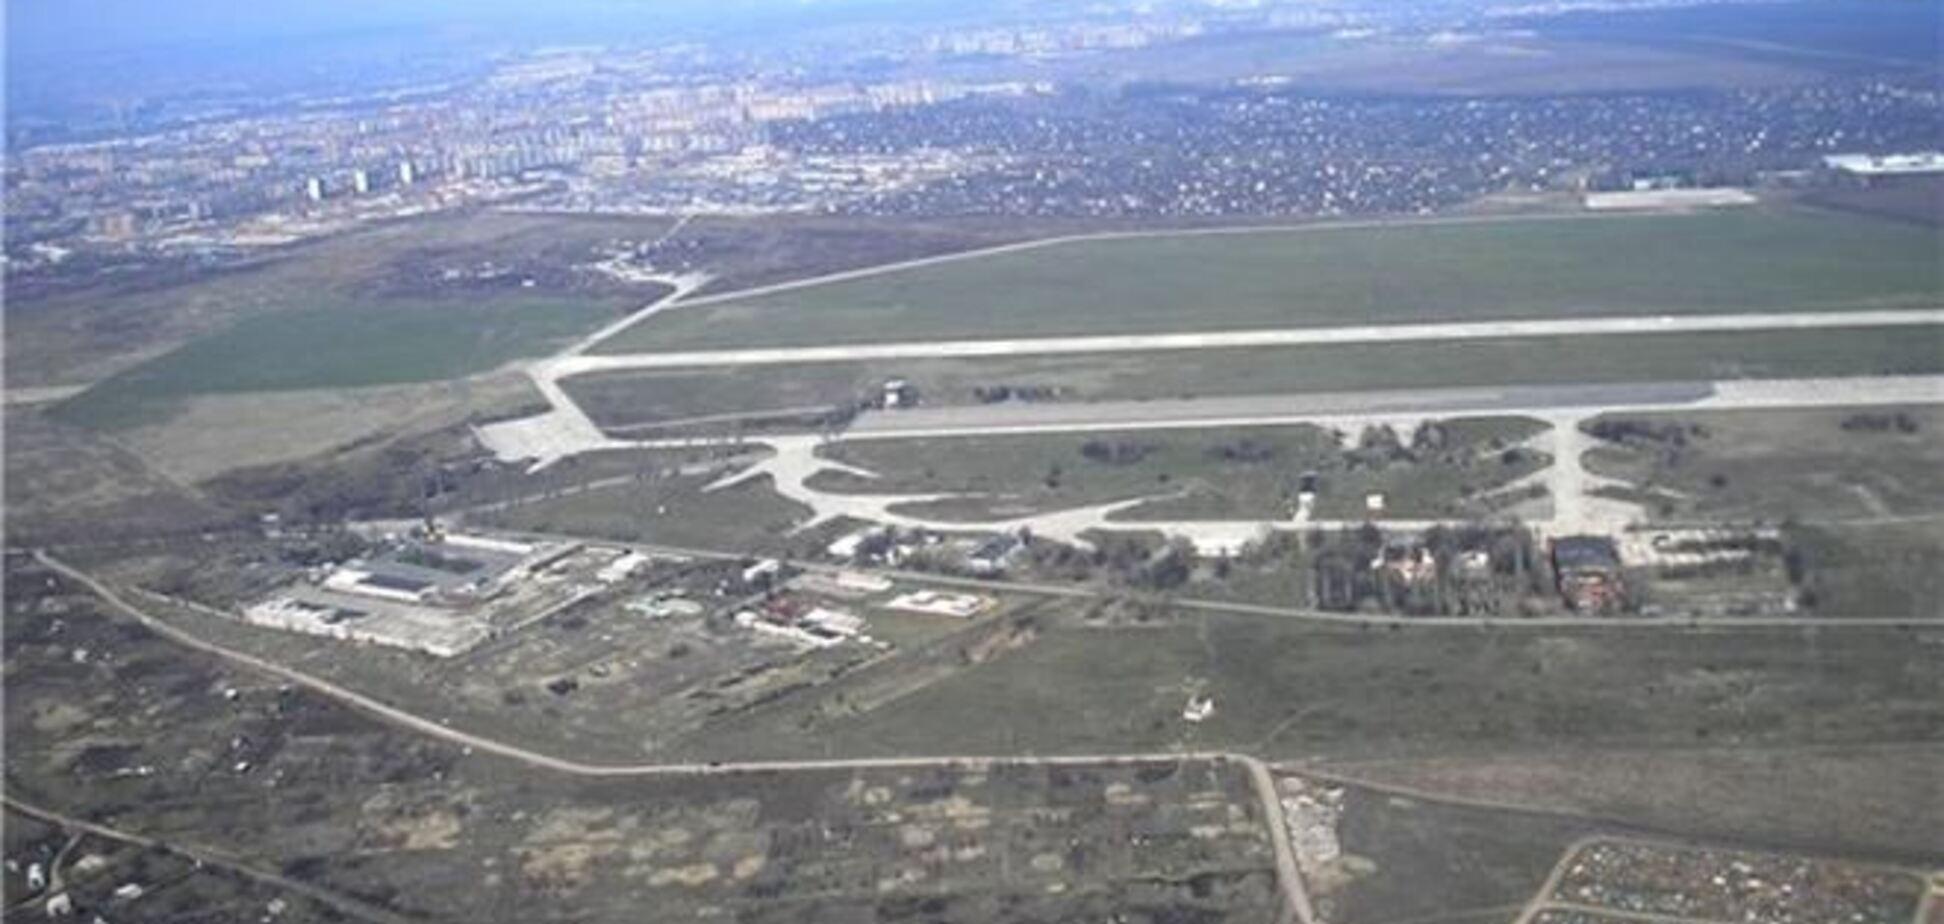 АТО на аэродроме в Краматорске: сепаратисты бросают камни, военные стреляют в воздух